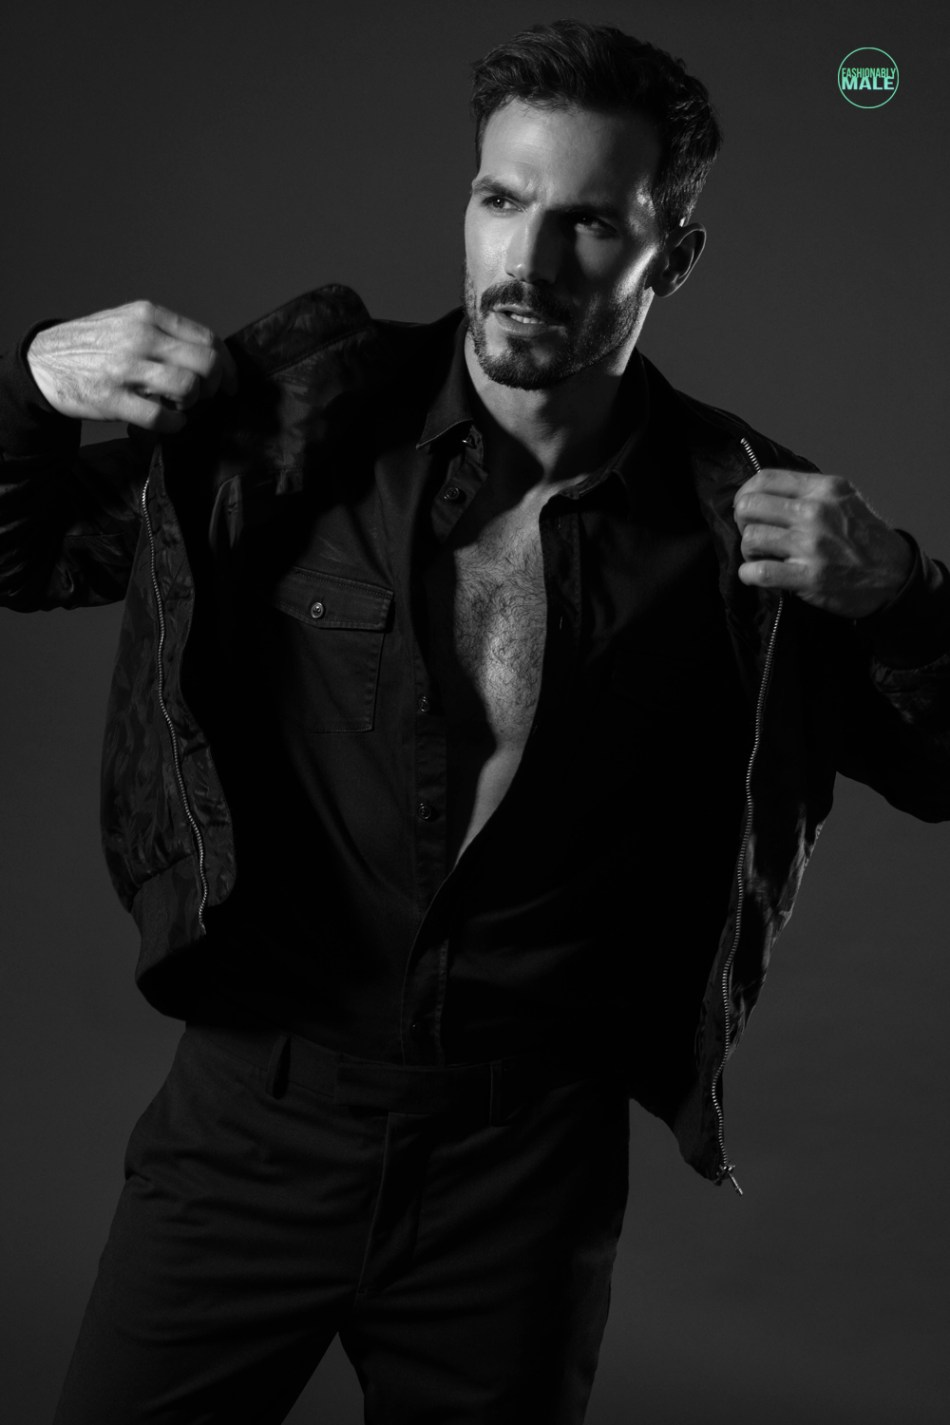 Adam Cowie by Malc Stone Fashionably Male2